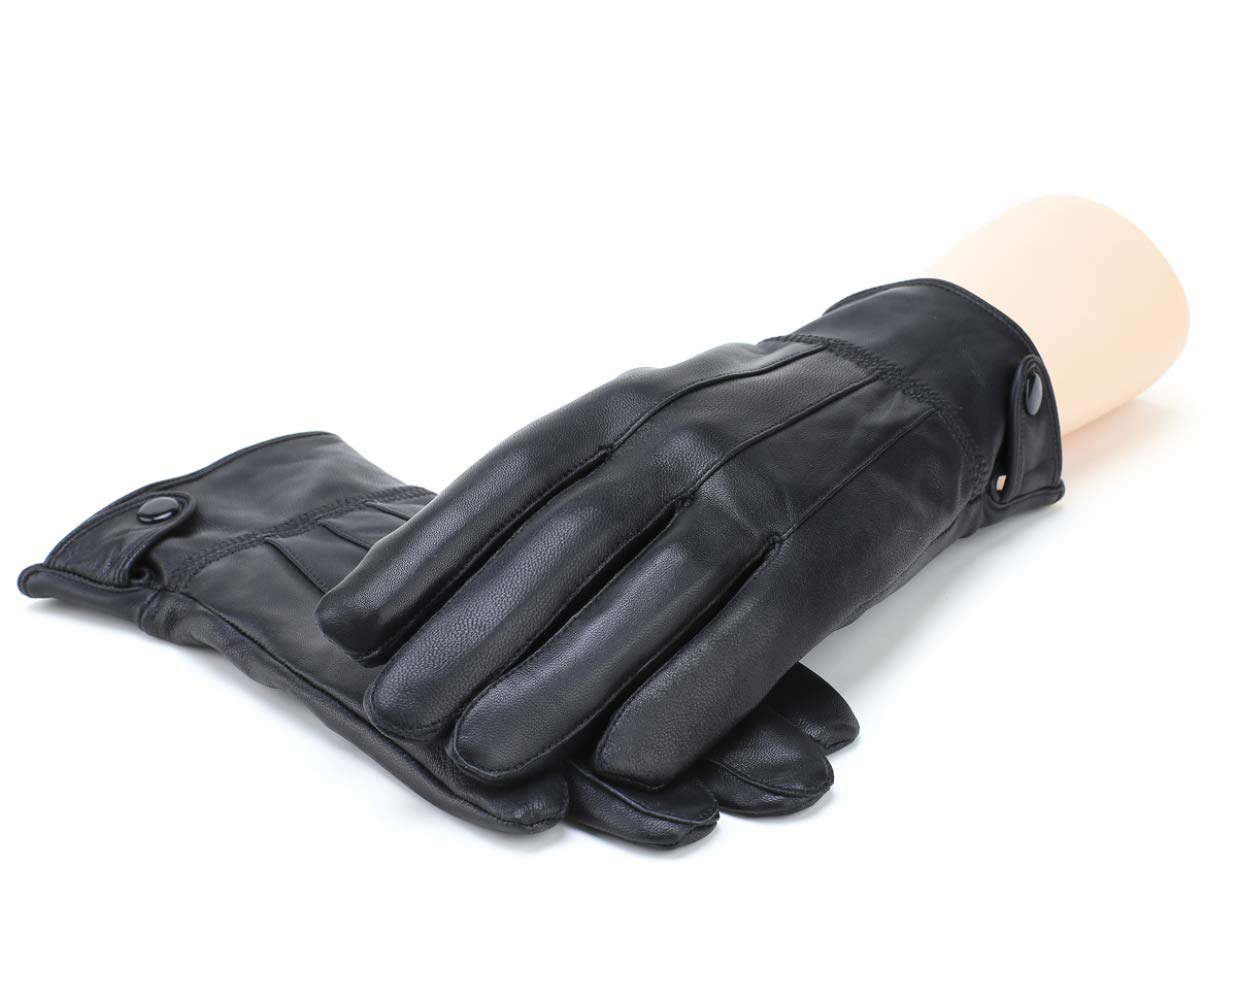 YIWANGO Handschuhe Der Männer Im Herbst Und Winter Warme Handschuhe Im Freien Reiten Motorrad Ski Handschuhe,D